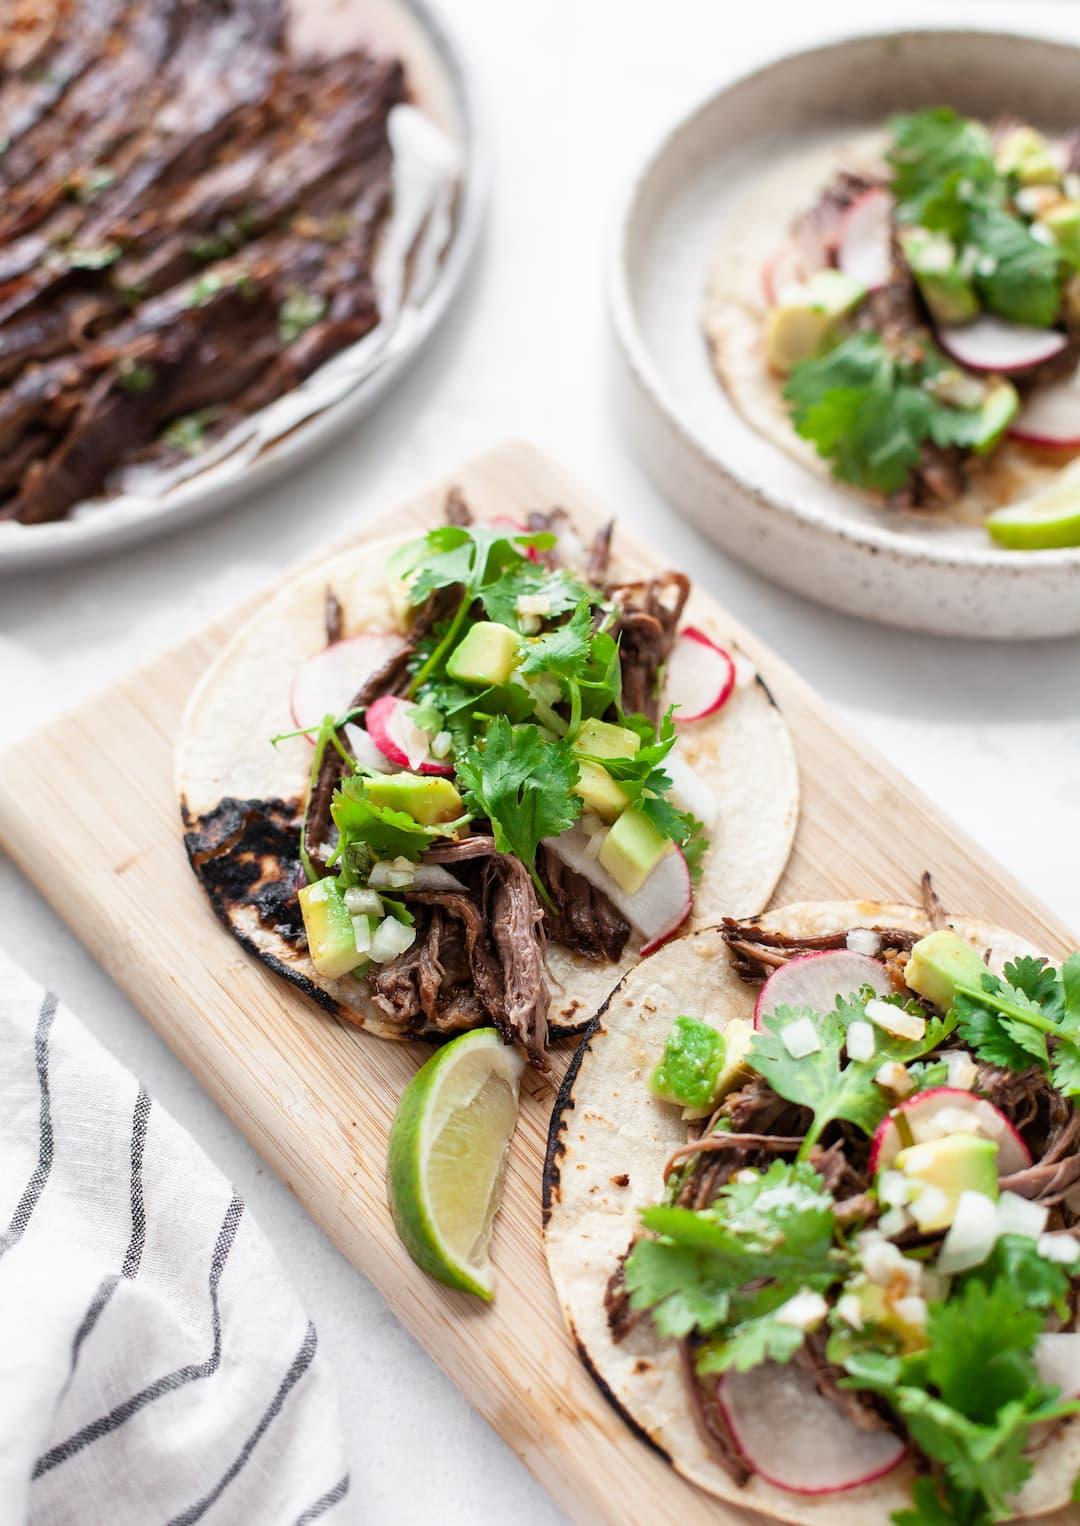 Crockpot Carne Asada tacos on wood tray